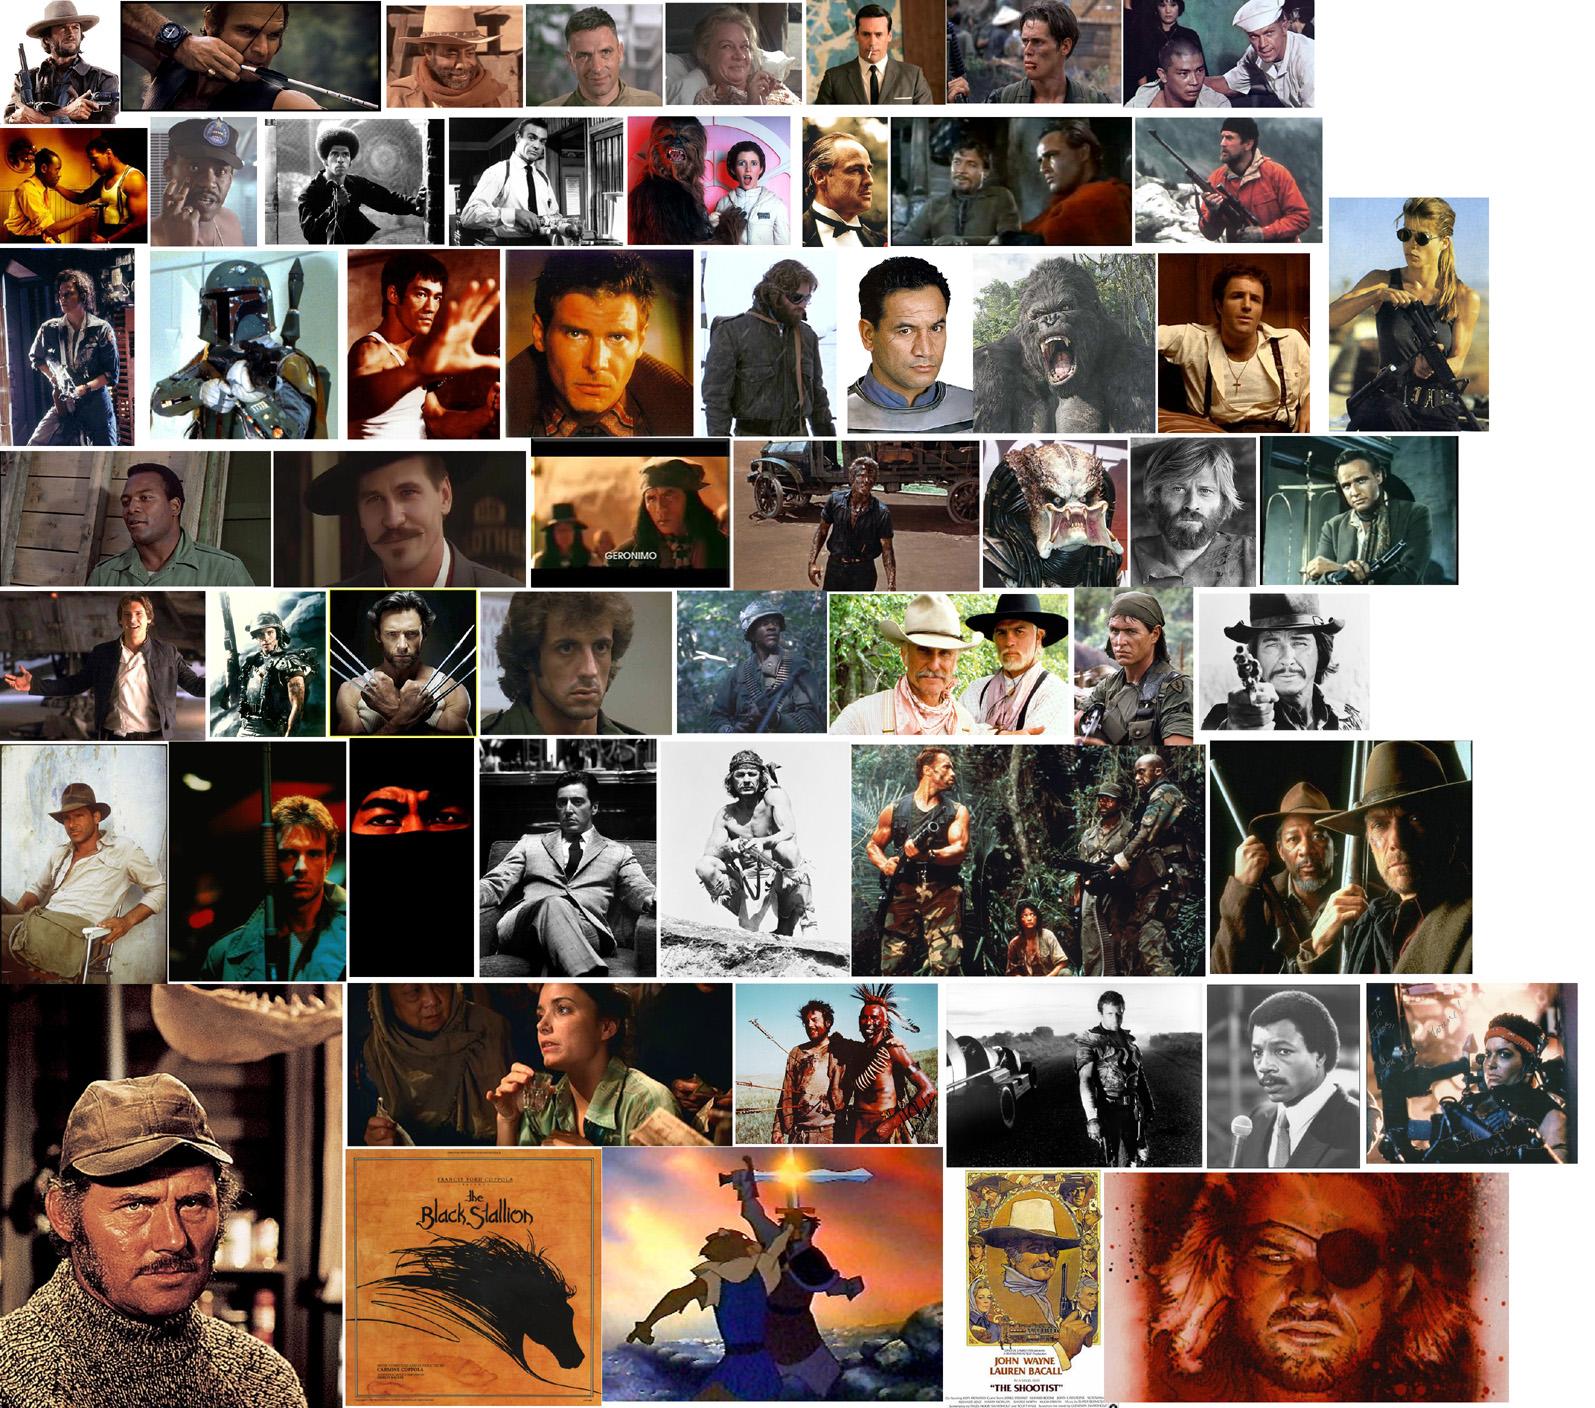 IMAGE(http://fc05.deviantart.net/fs71/f/2010/241/d/7/league_of_extraordinary_b_a___s_by_batfish73-d2xl21j.jpg)